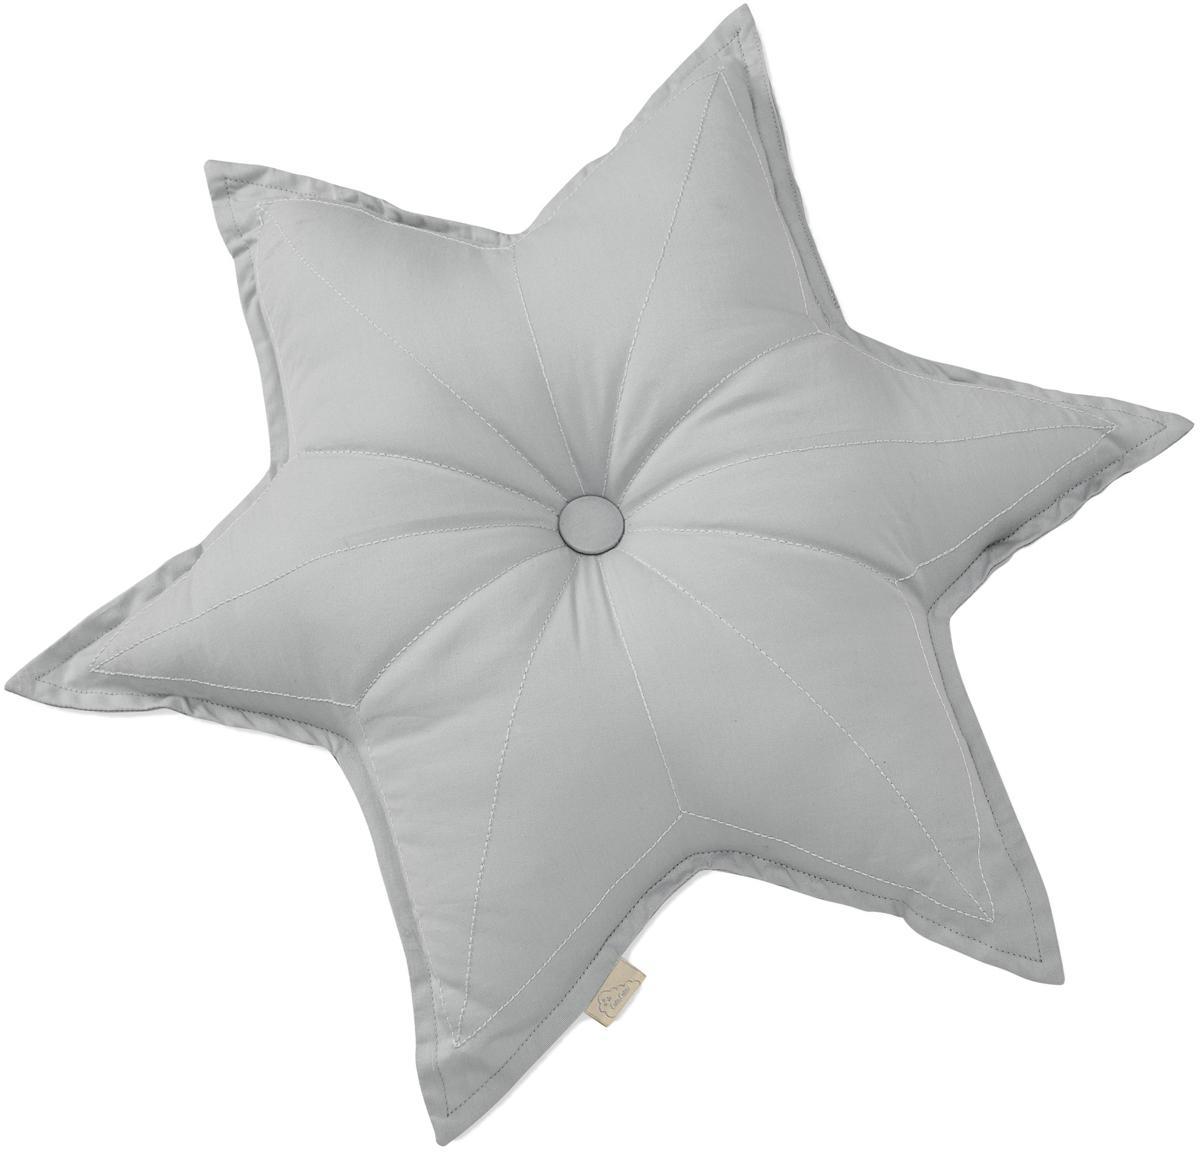 Kissen Star aus Bio-Baumwolle, mit Inlett, Bezug: Bio-Baumwolle, Öko-Tex- u, Grau, 45 x 45 cm